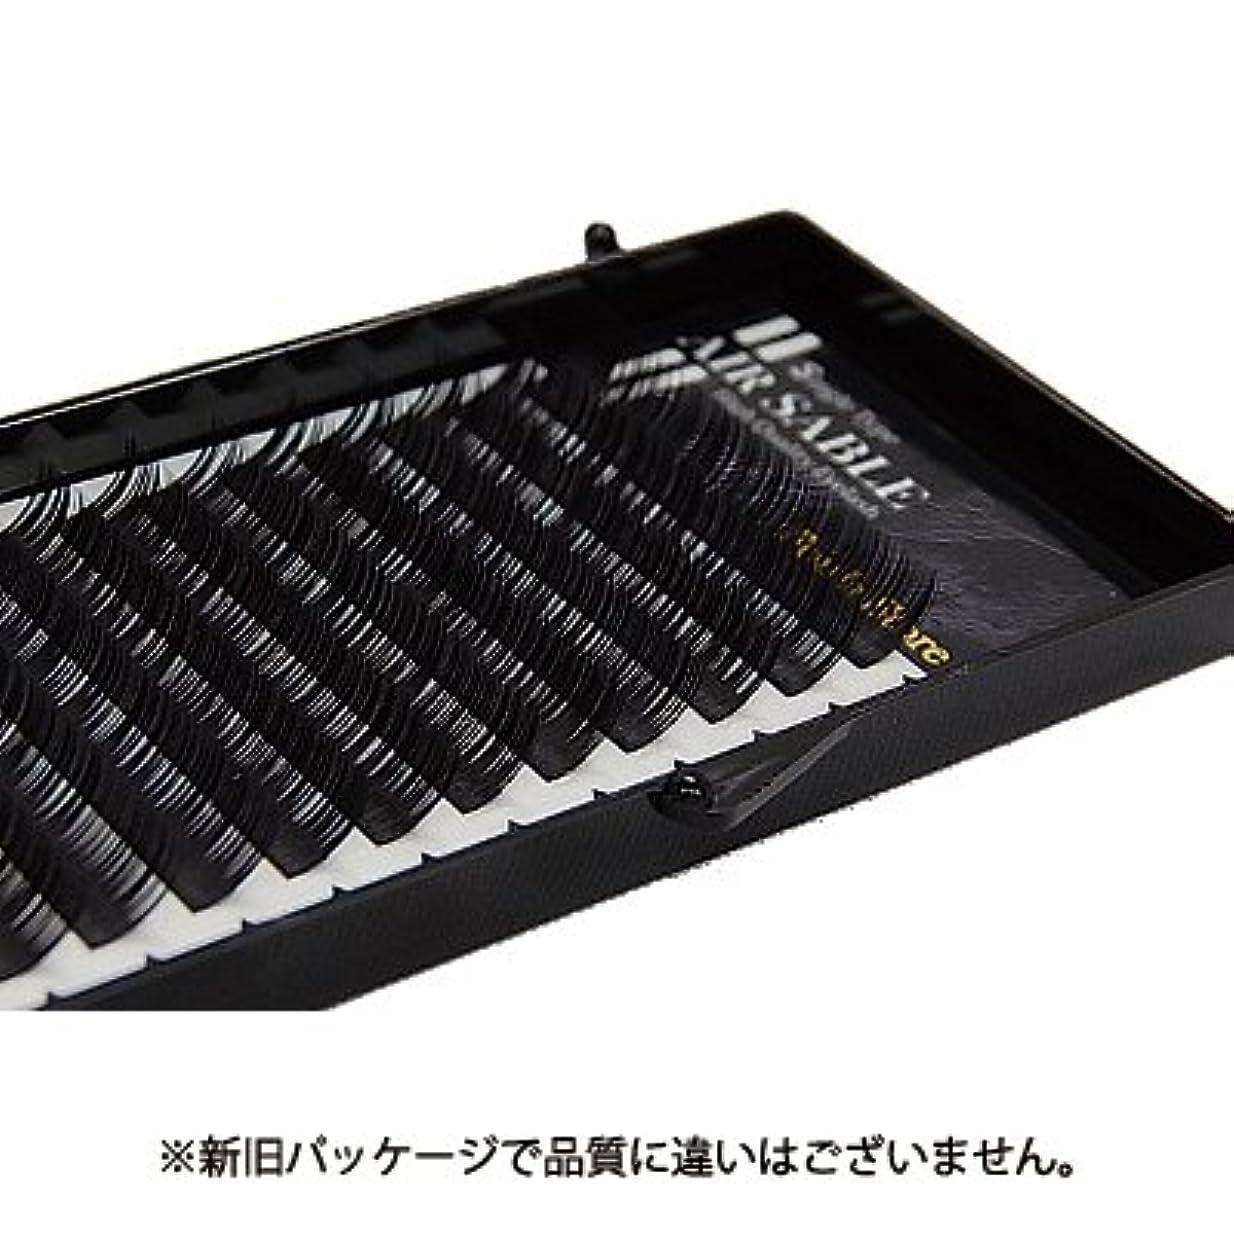 不倫ブロッサムコーチ【フーラ】エアーセーブル シート 12列 Jカール 9mm×0.15mm